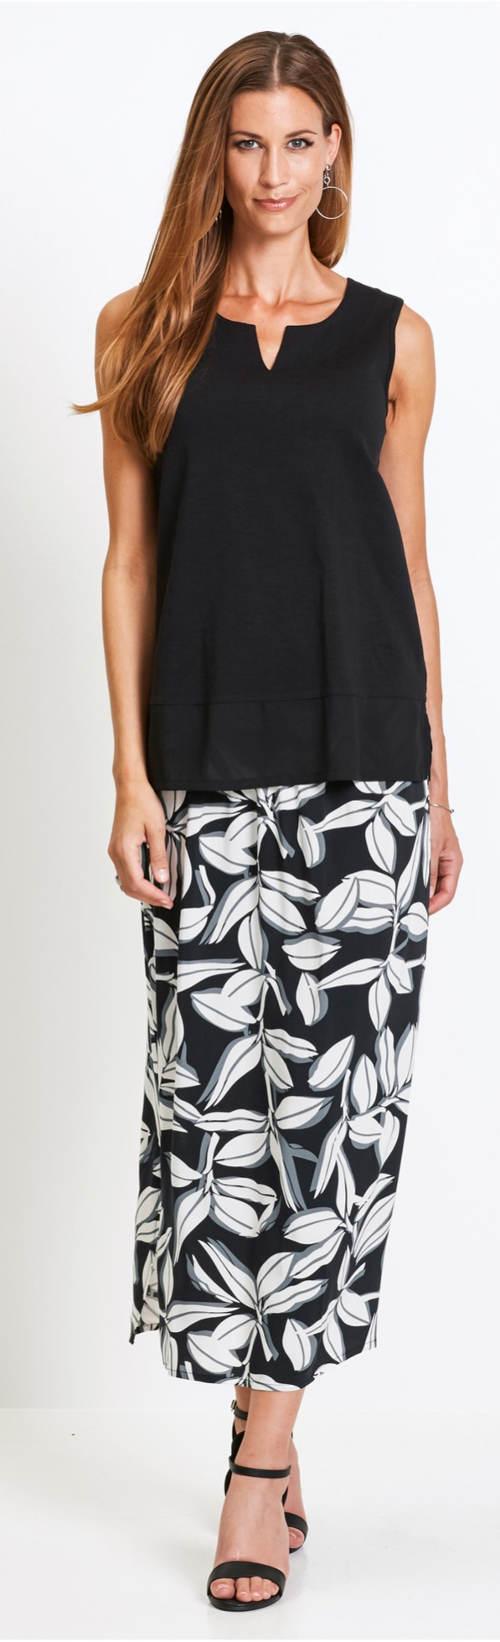 Černé letní tílko k maxi sukni